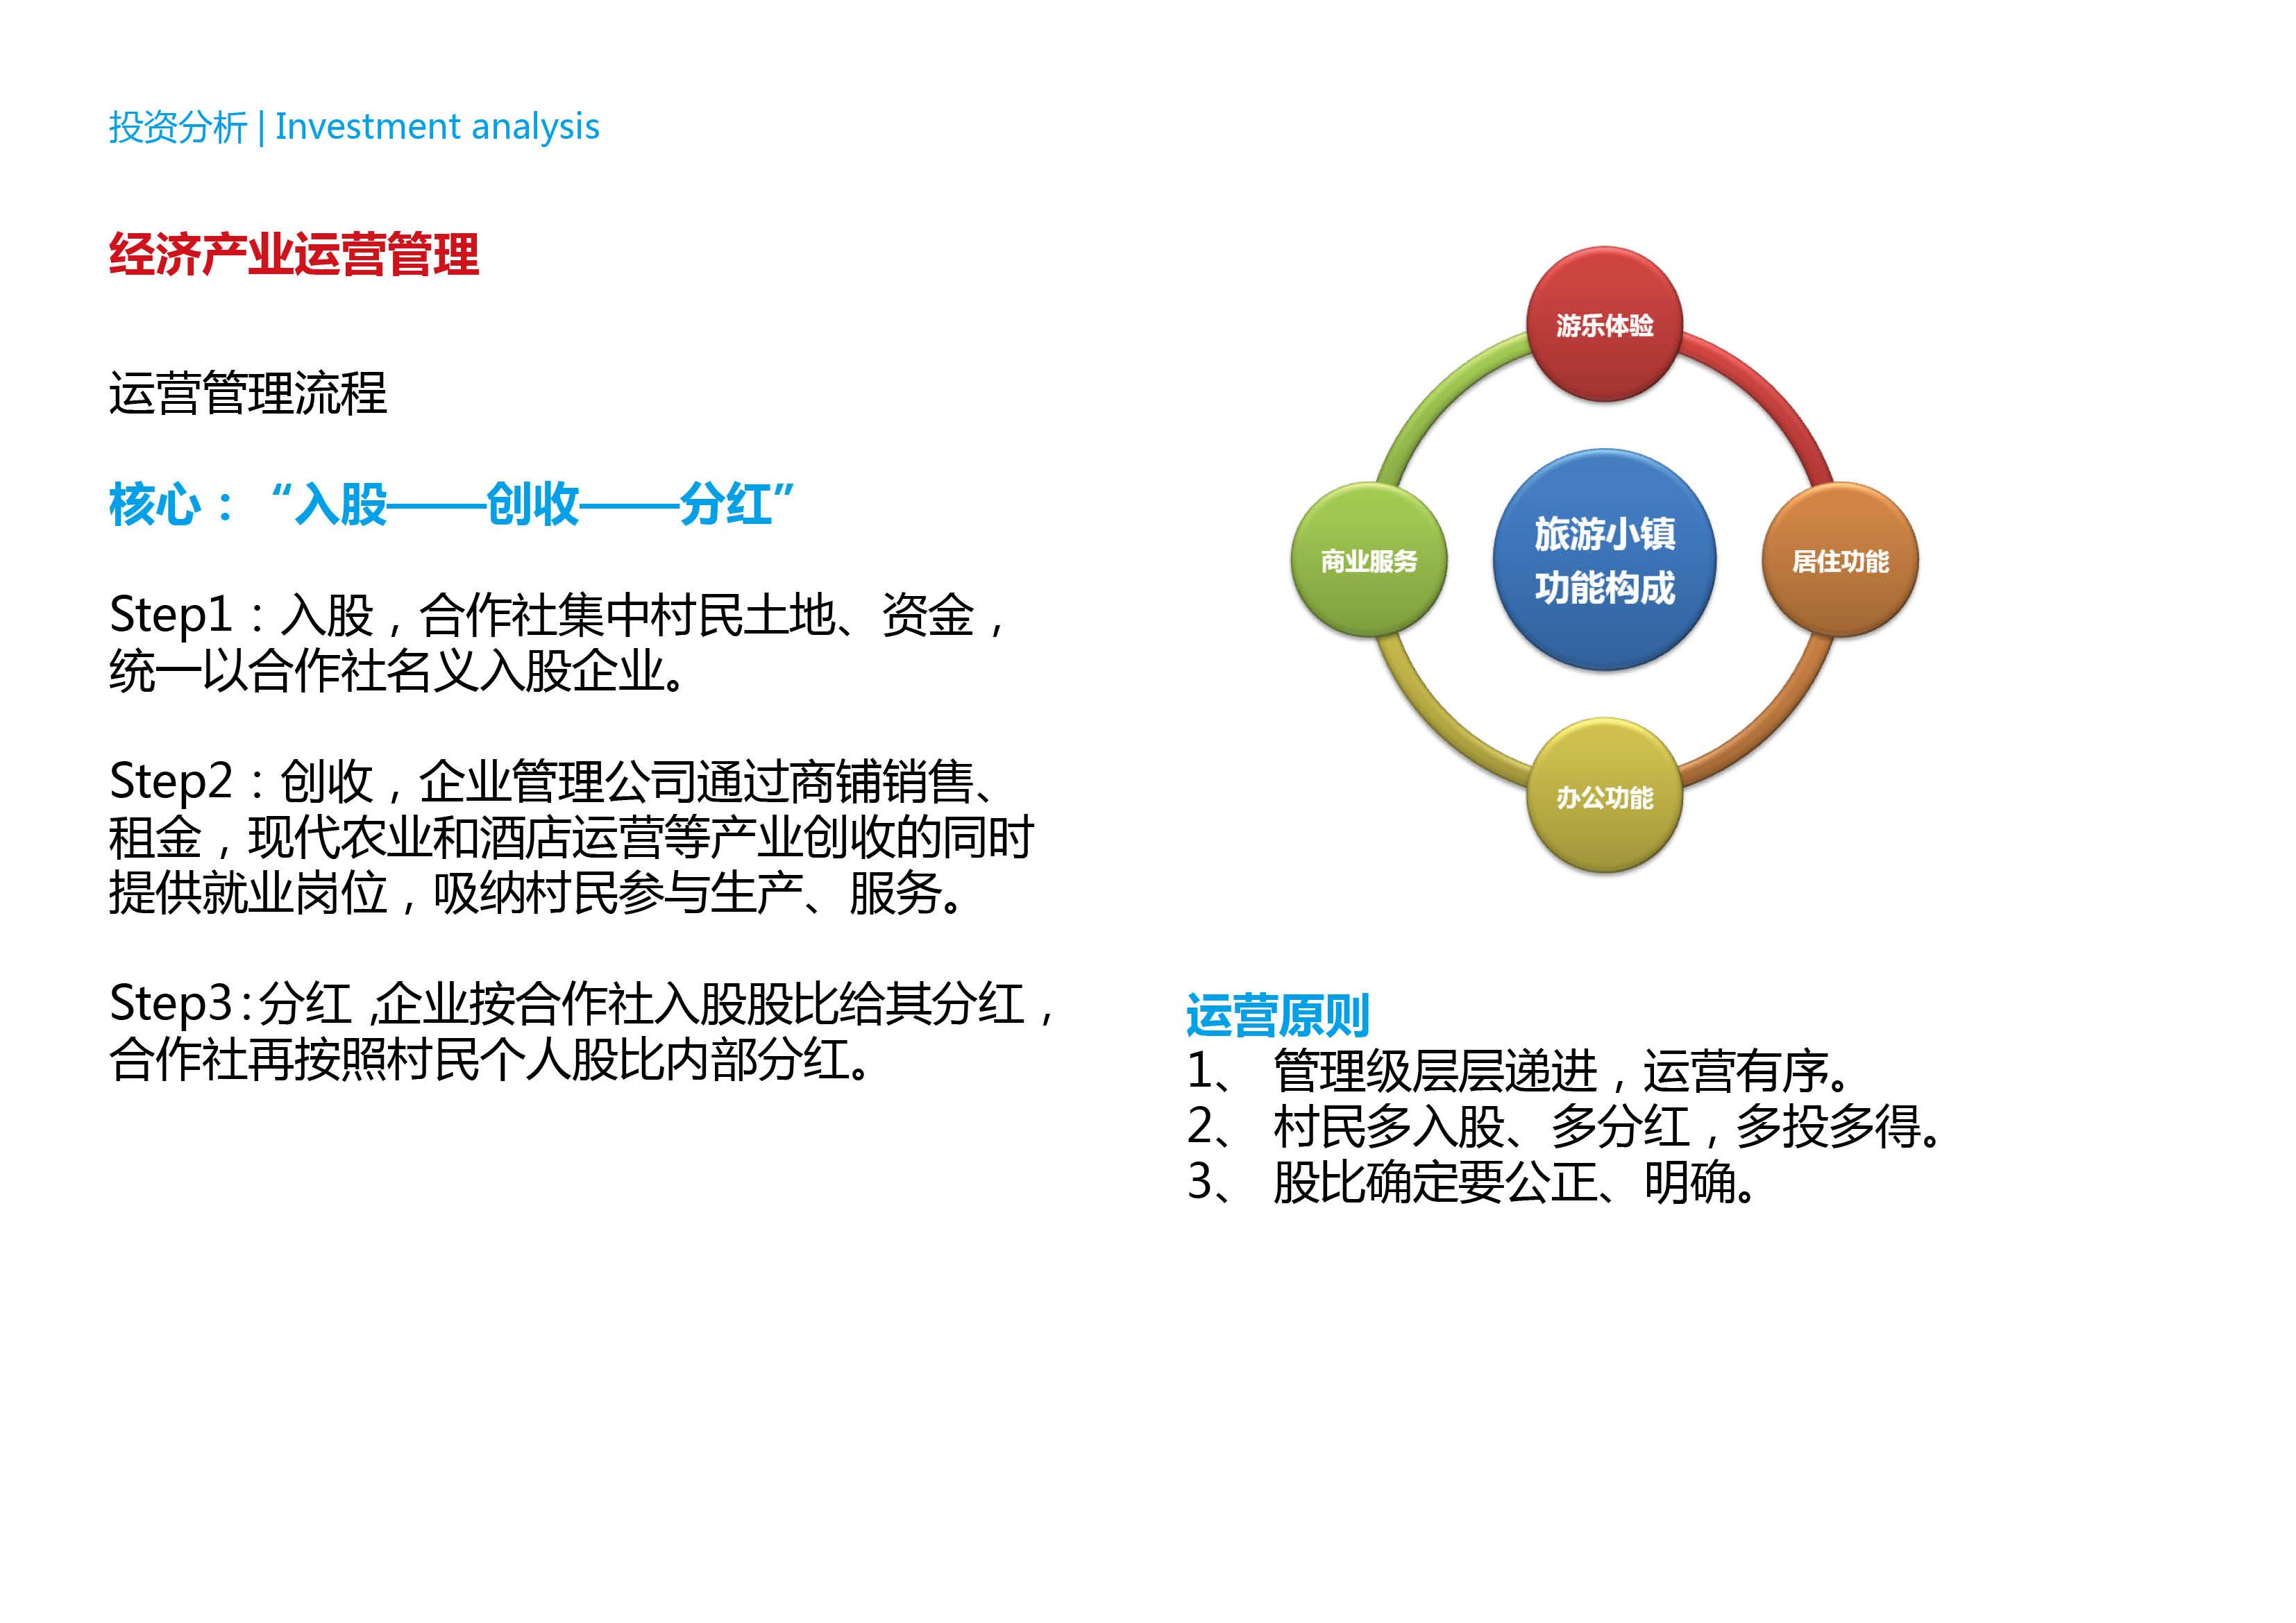 上海金山區市民農莊項目戰略發展規劃12.30-上海金山區市民農莊項目戰略發展規劃88